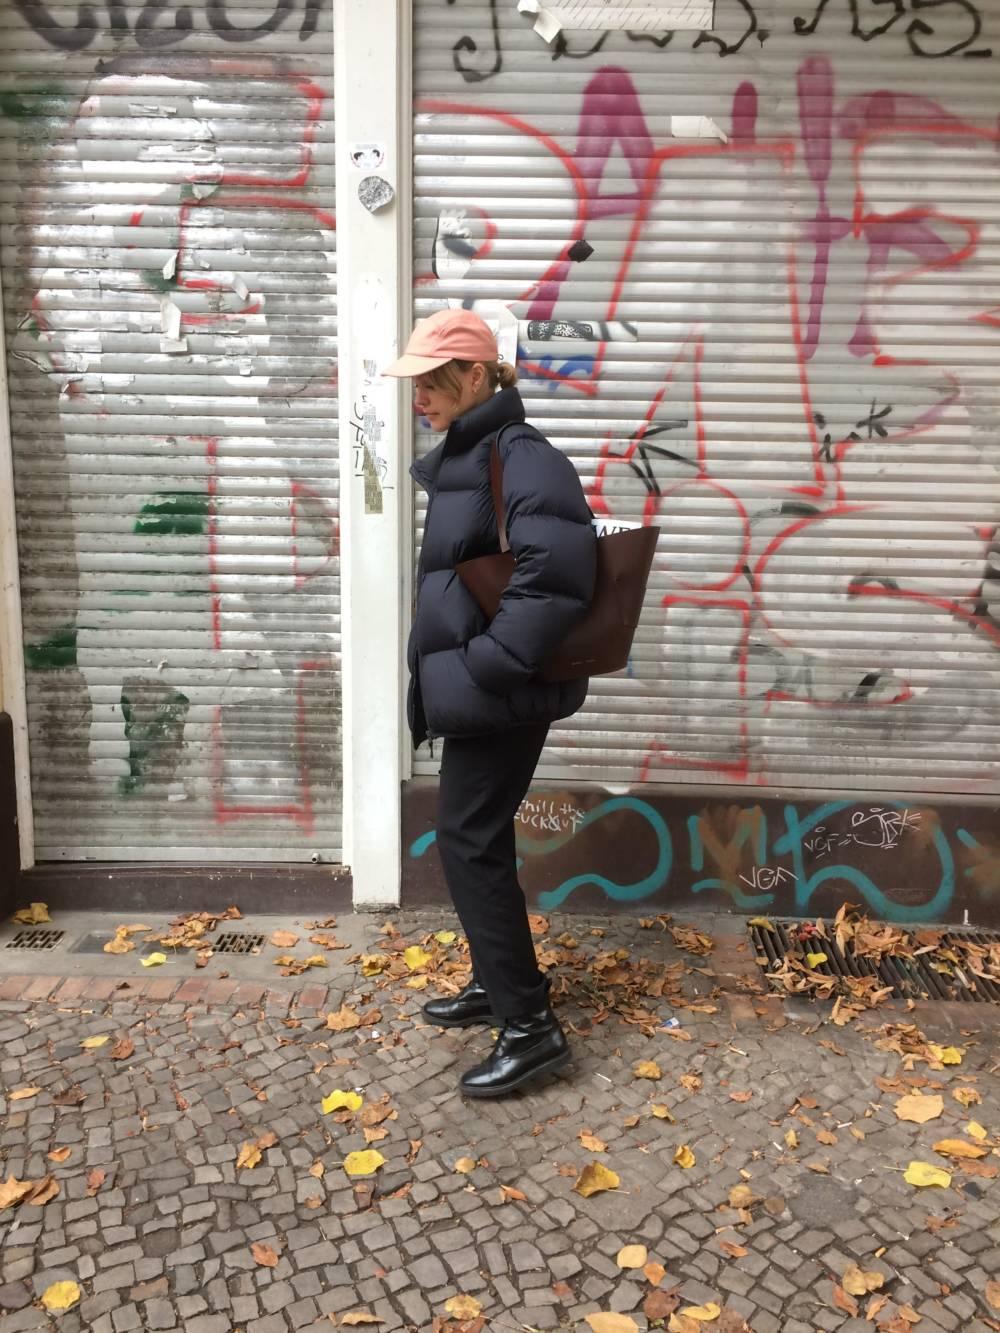 Daunenjacke auf der Straße